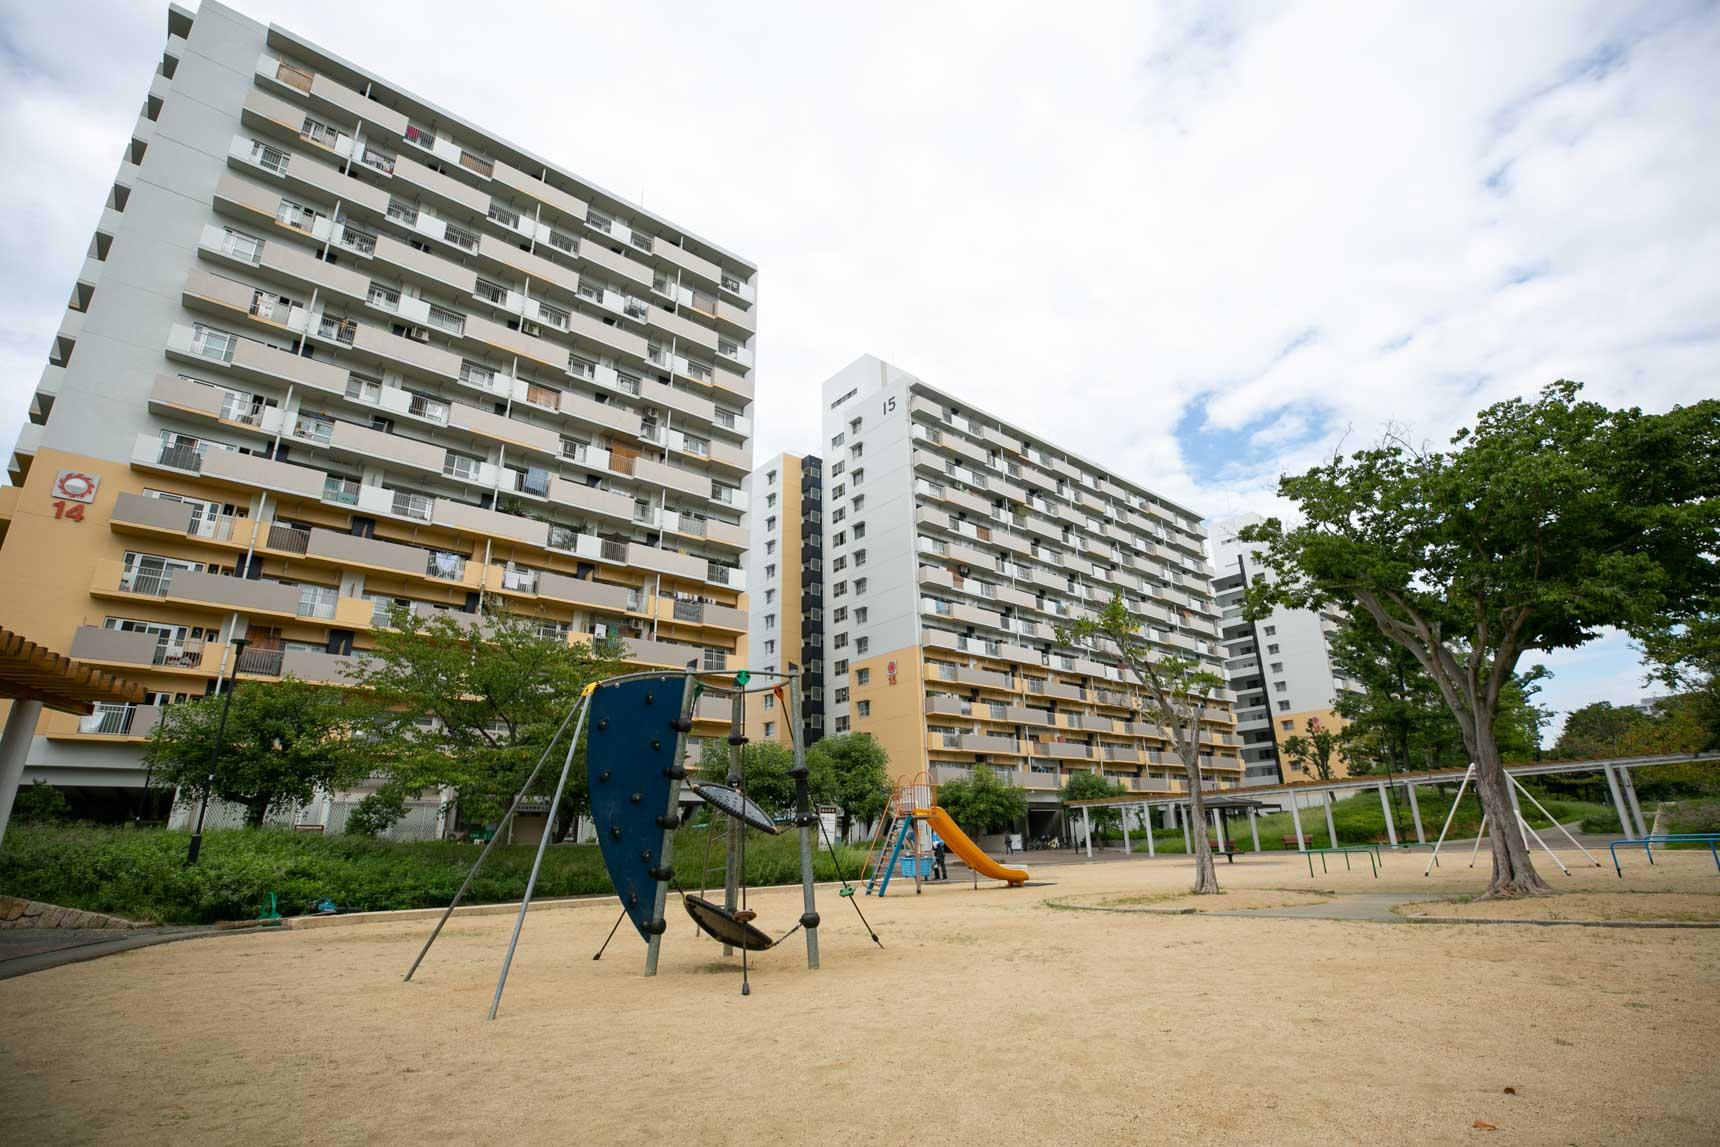 たしかに、住棟と住棟の間がかなり広く取られていて、遊び場が存分にあります。